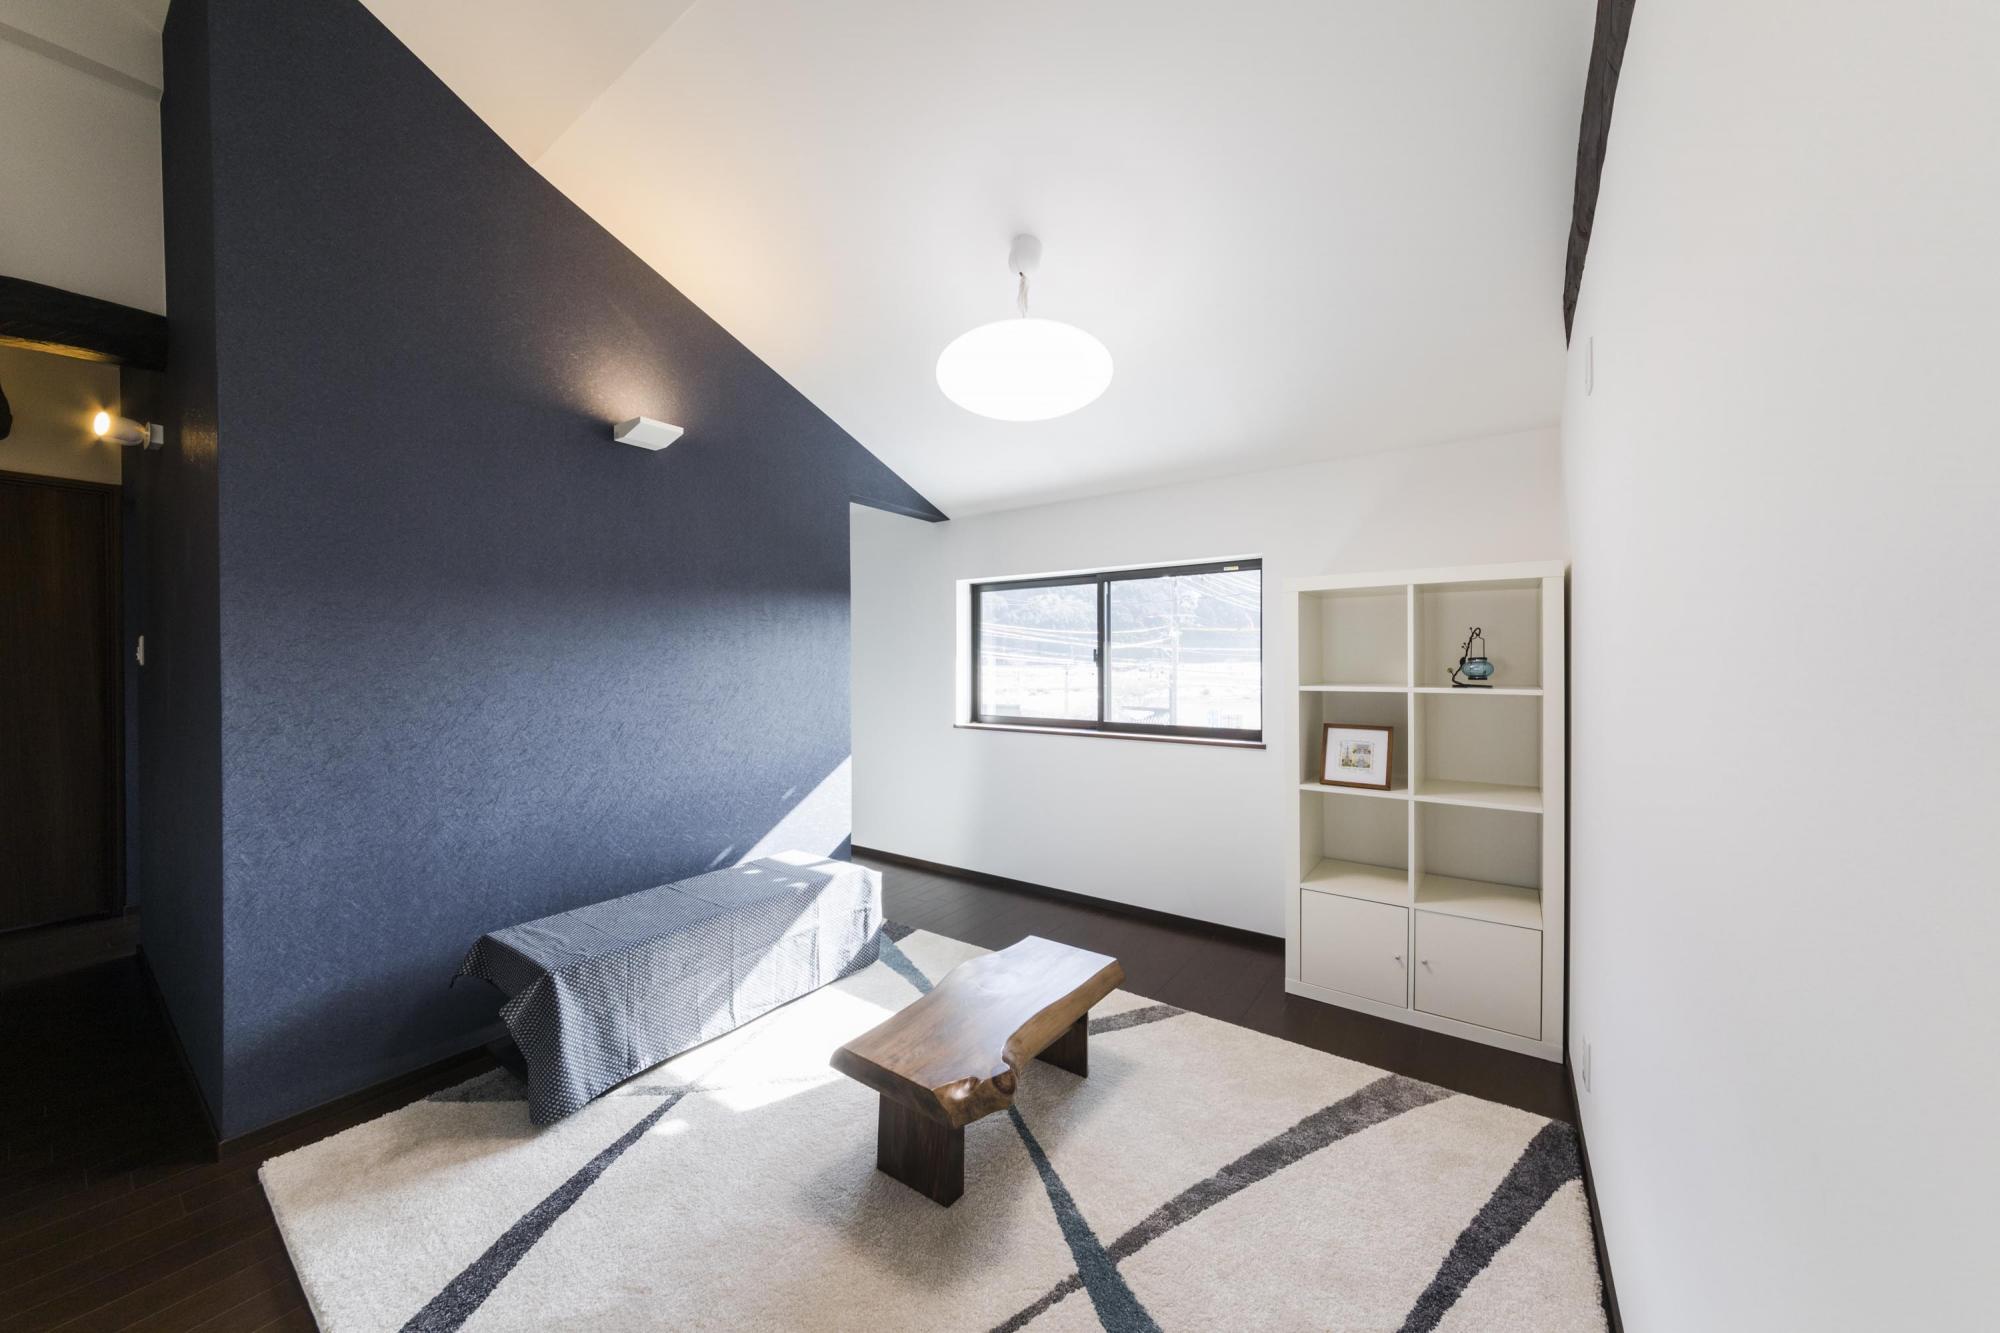 2階に設けた南向きの明るいセカンドリビング。壁面と天井には黒と白のクロスを張ってモダンに演出した。